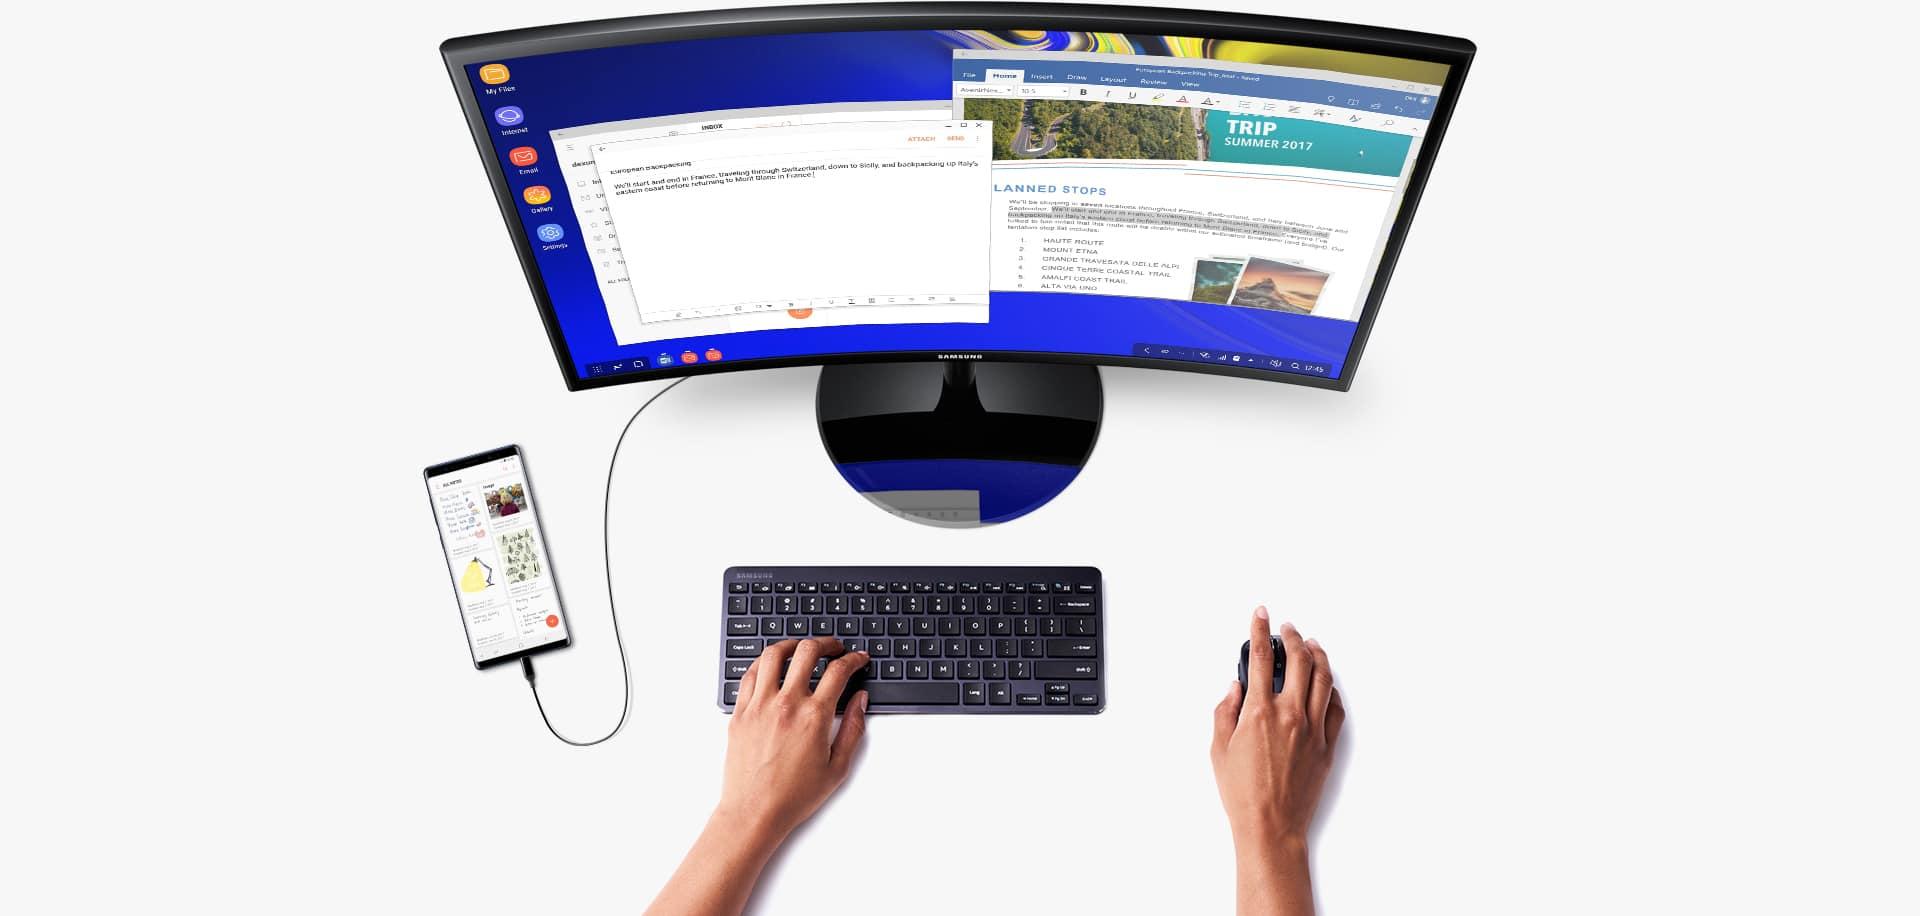 Ubuntu em dispositivos Samsung chega à versão beta